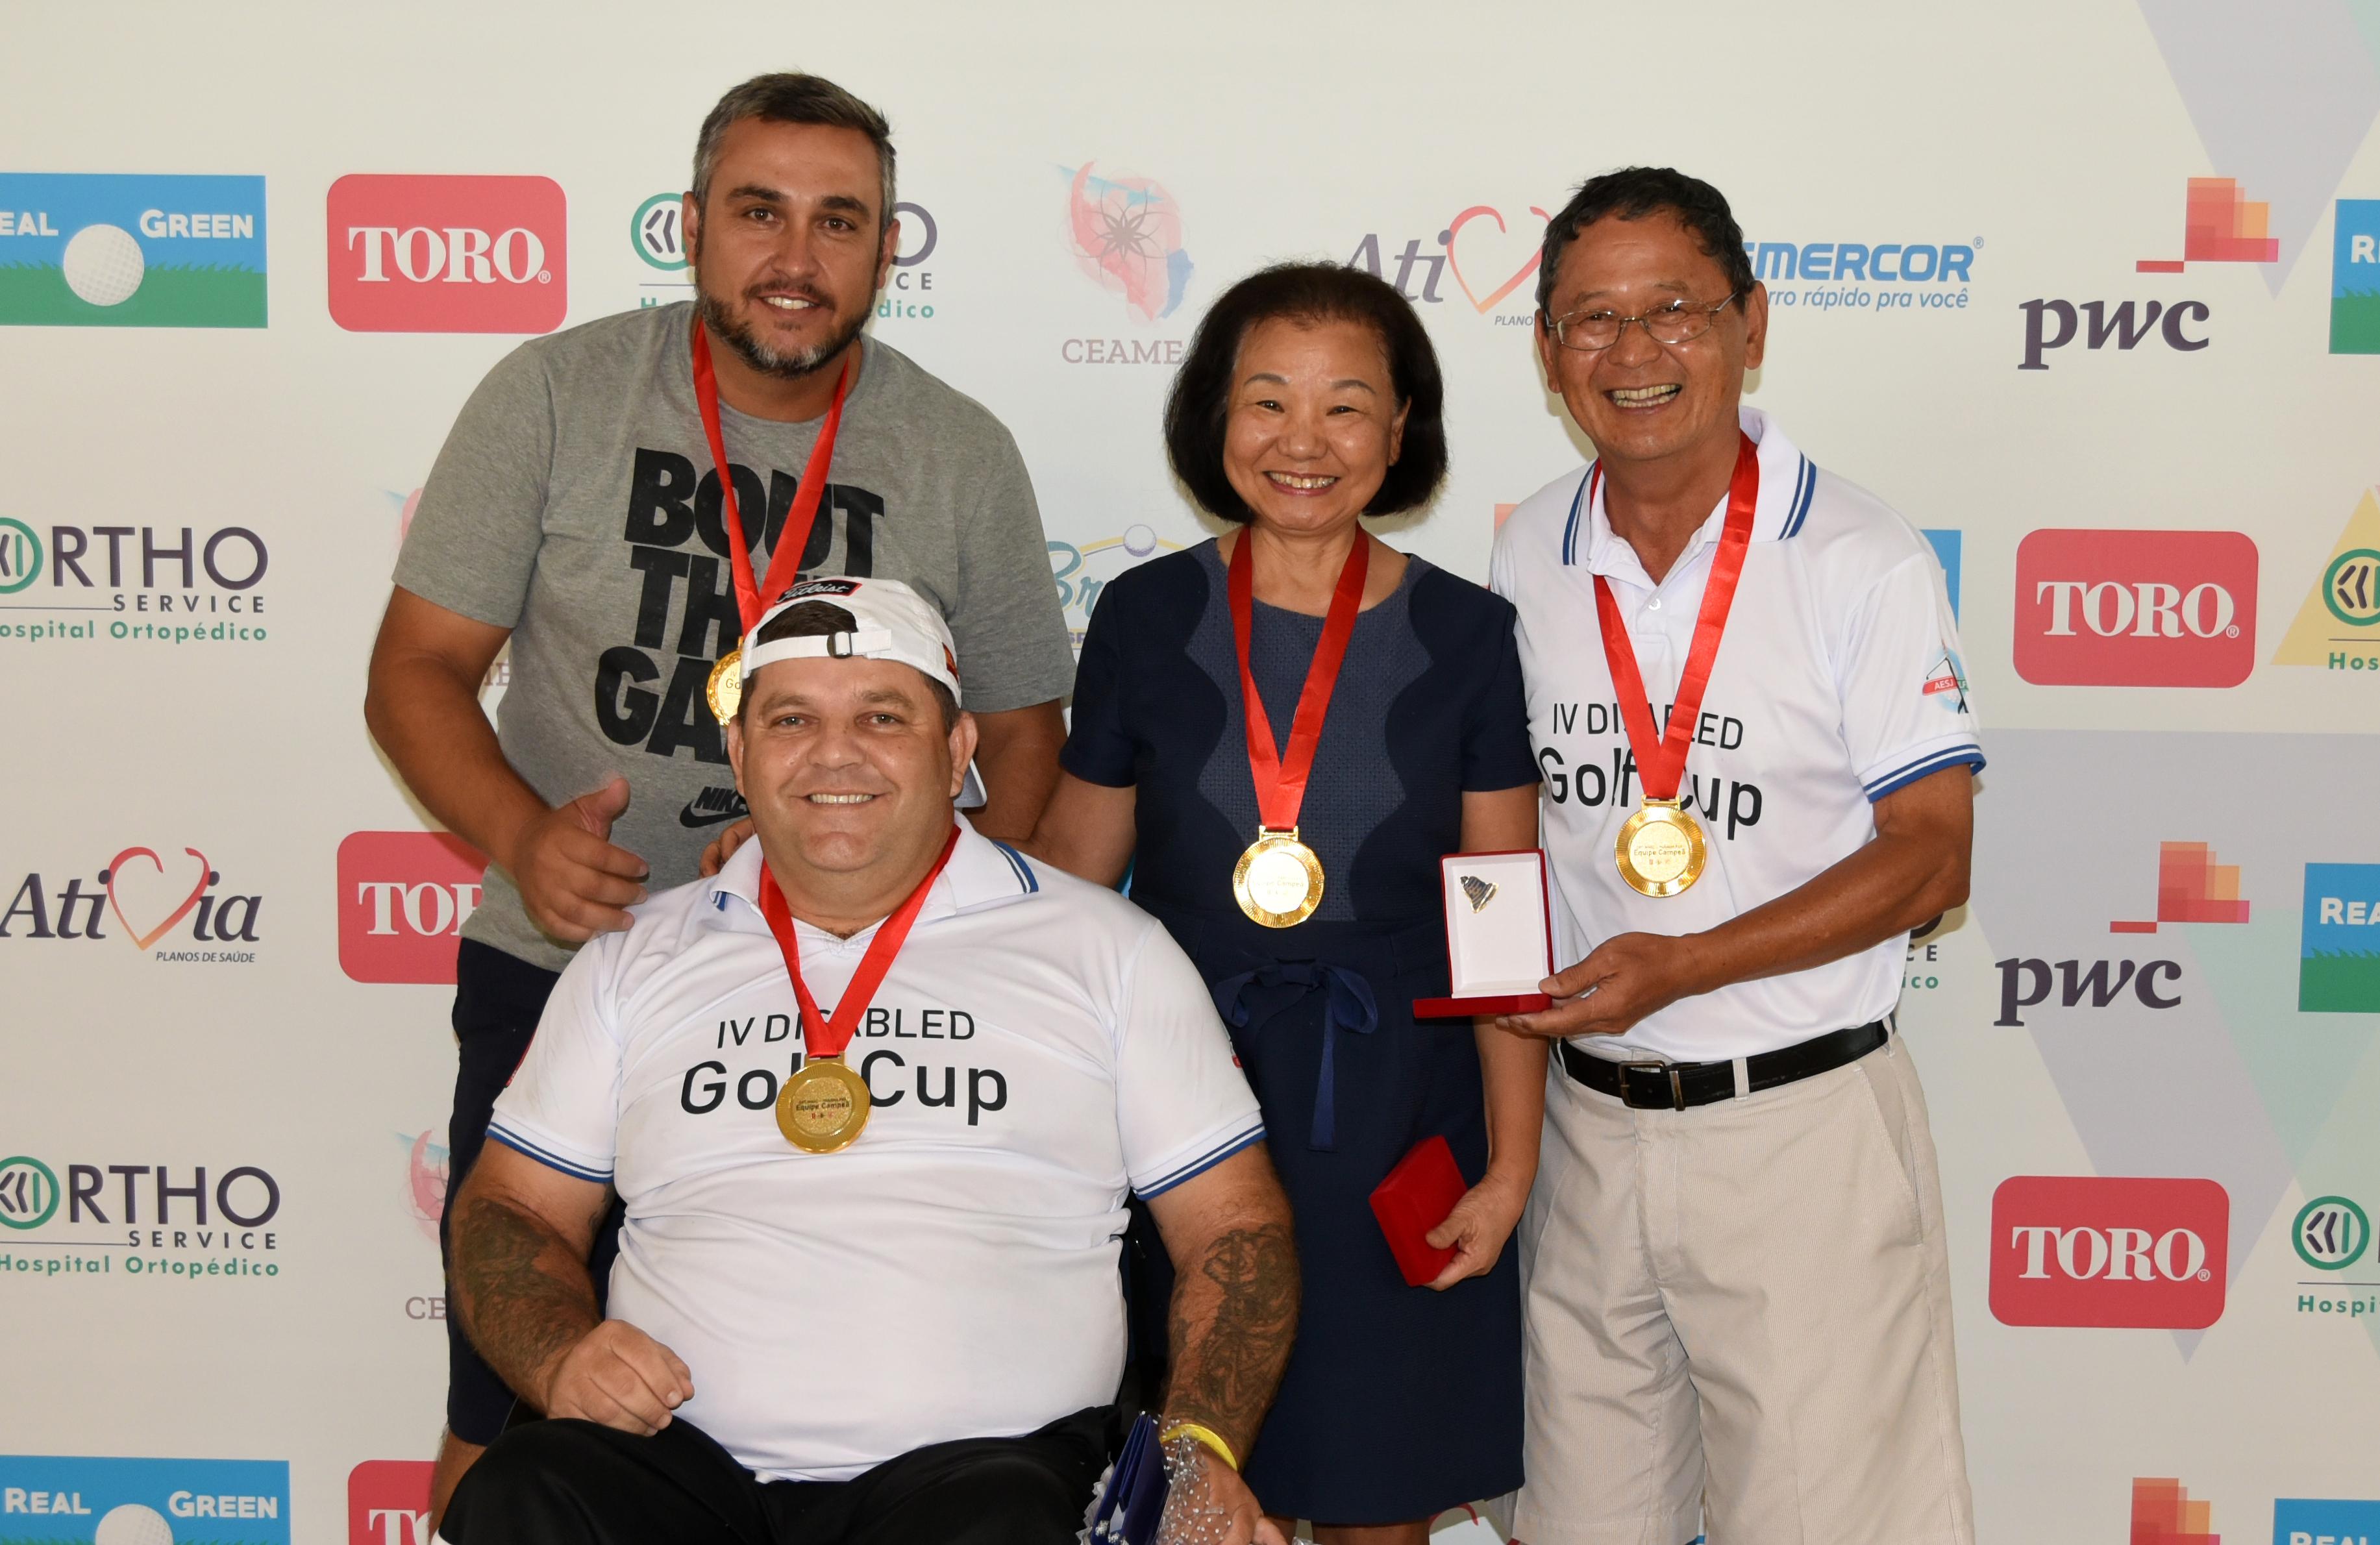 4ª Disabled Golf Cup na Associação Esportiva São José